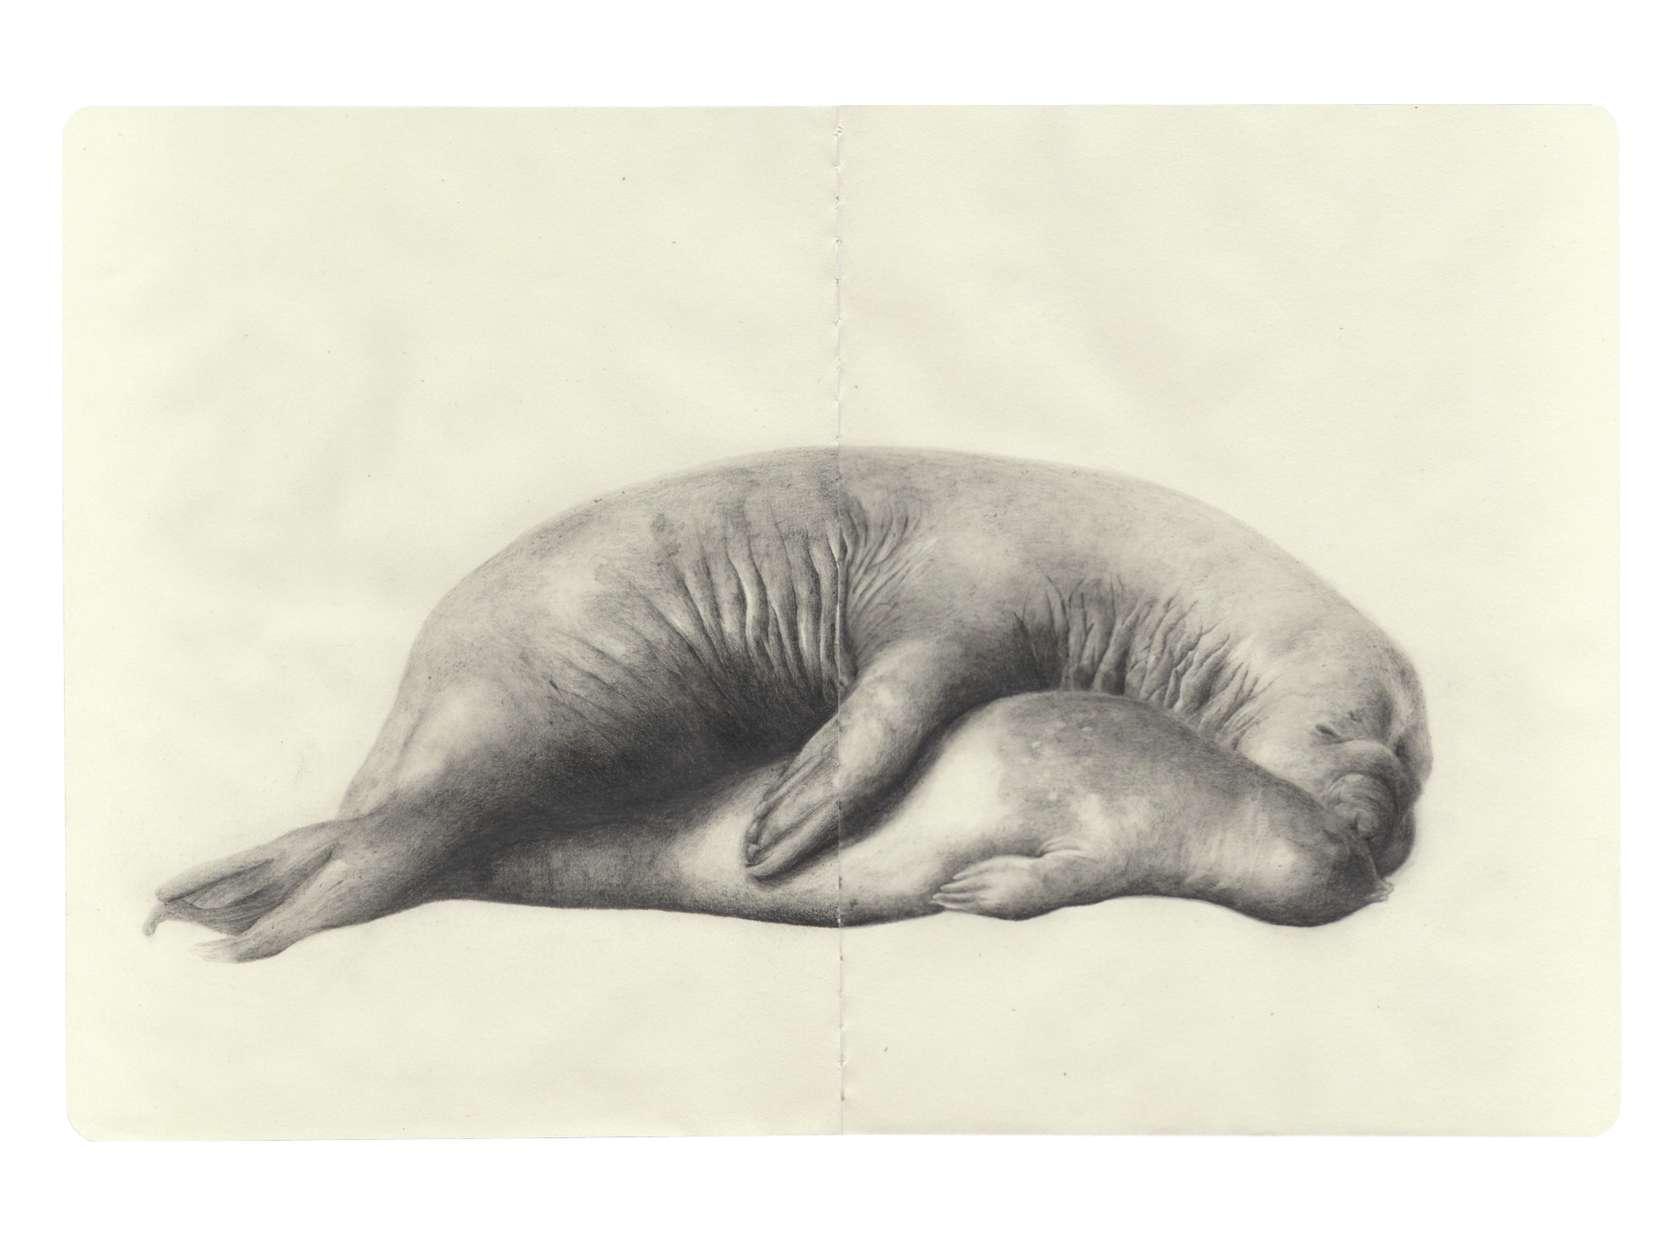 Laurent Le Deunff, Rut (élephants de mer), 2011 Crayon sur papier Moleskine25 x 38 cm / 9 7/8 x 15  inches